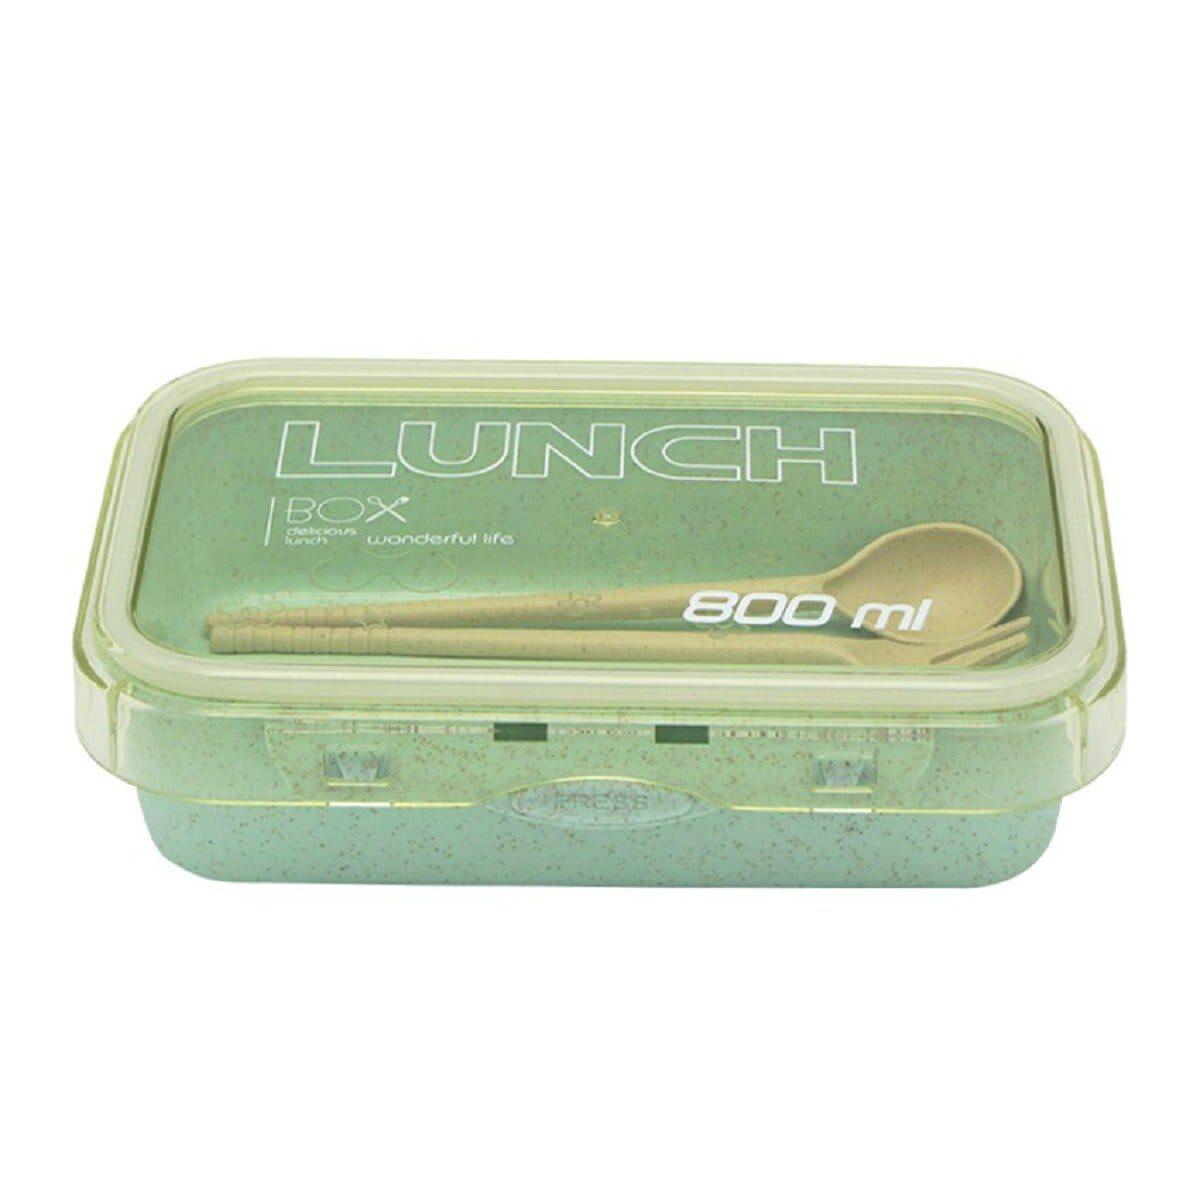 Еко Ланчбокс з приборами однорівневий 800мл, зелений